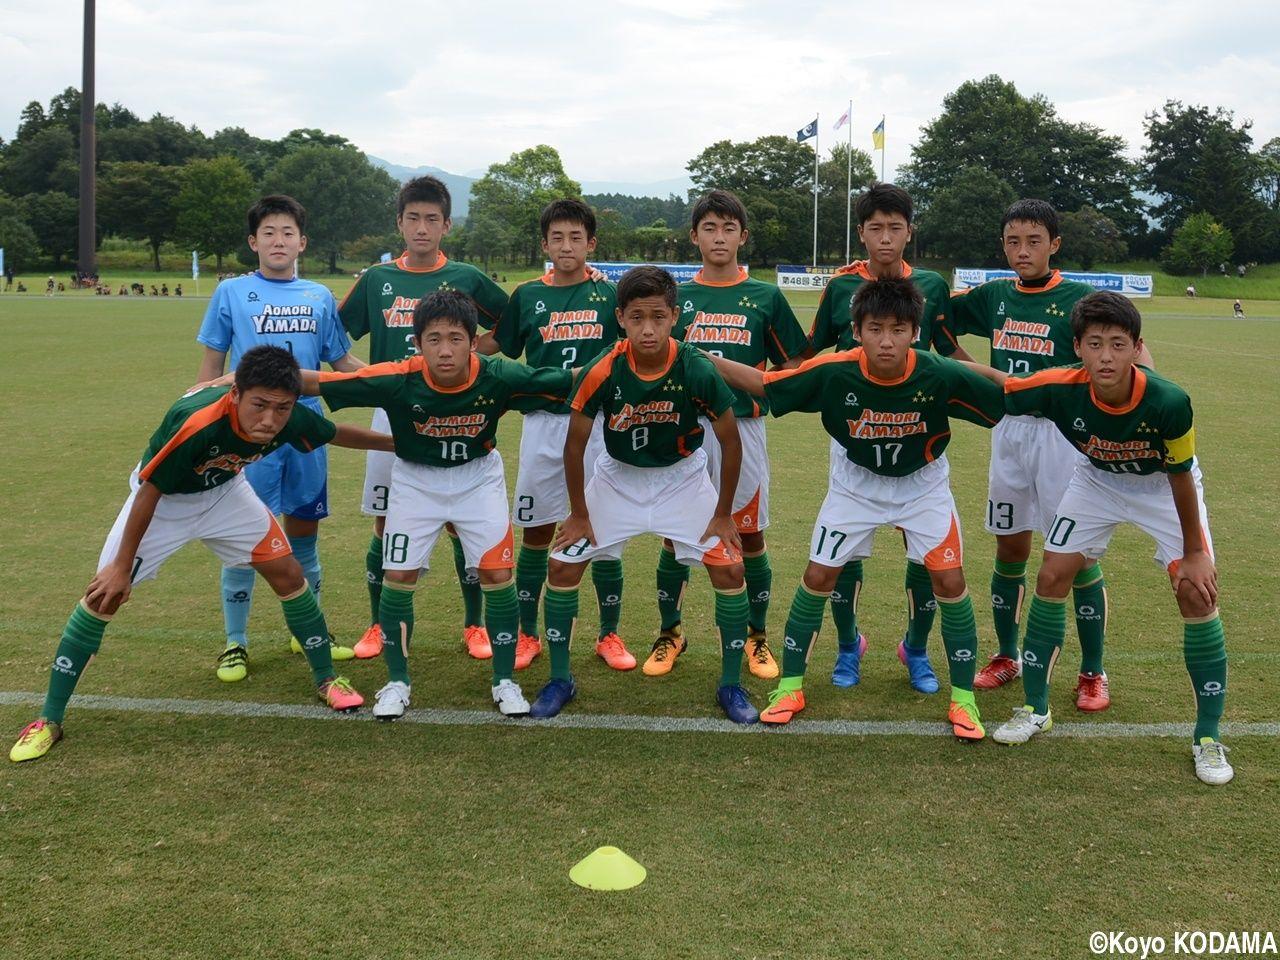 サッカー 青森 選手 山田